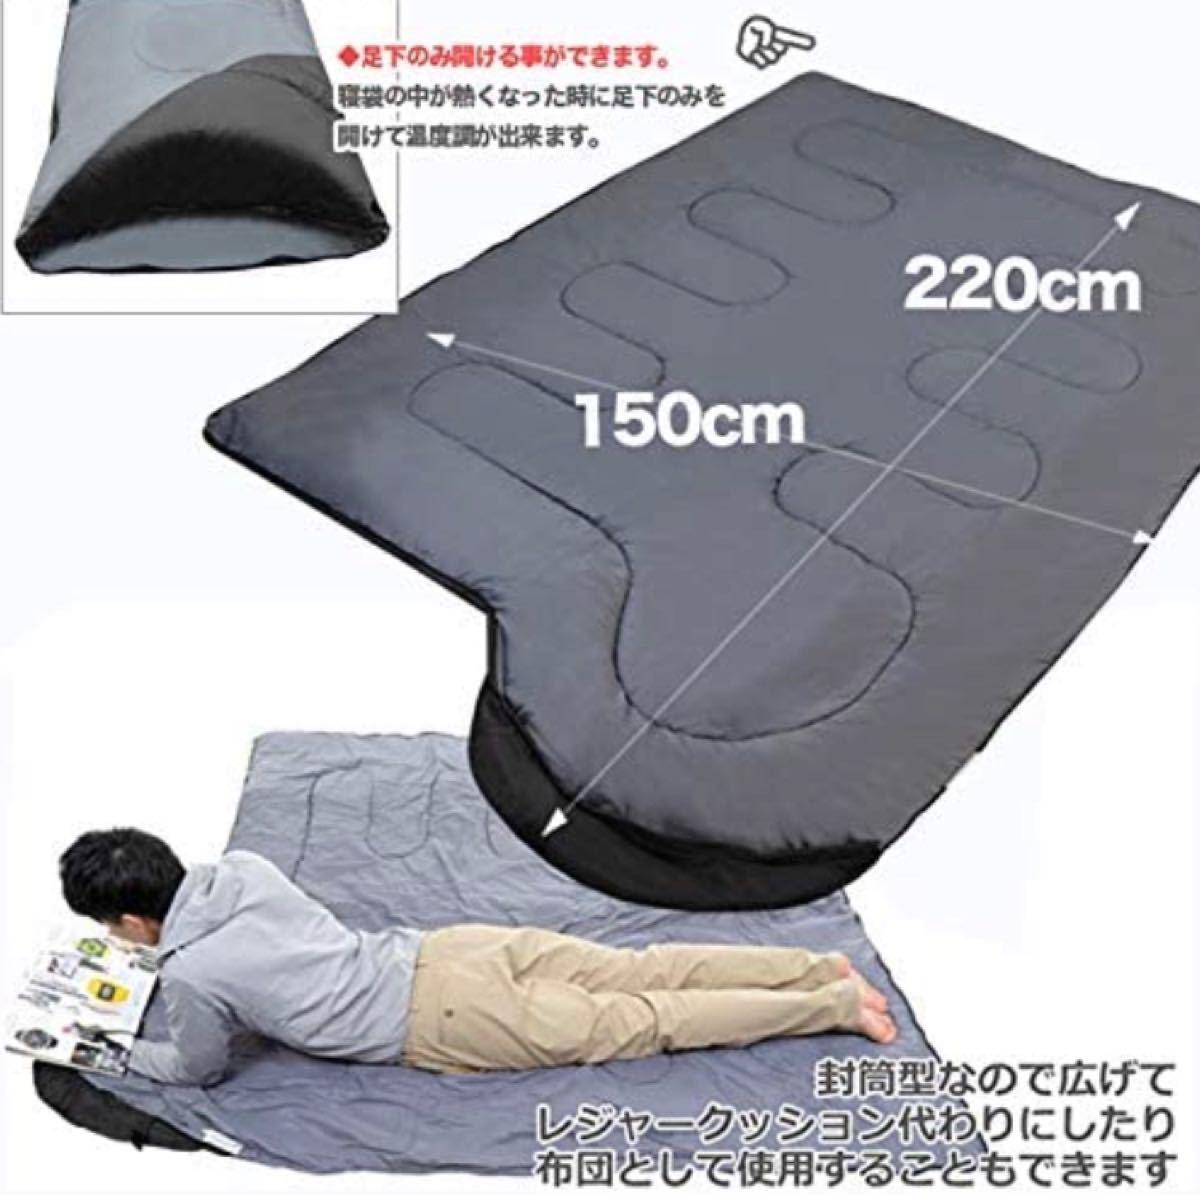 寝袋 丸洗い 抗菌仕様 キャンプ アウトドア シュラフ 車中泊 コンパクト